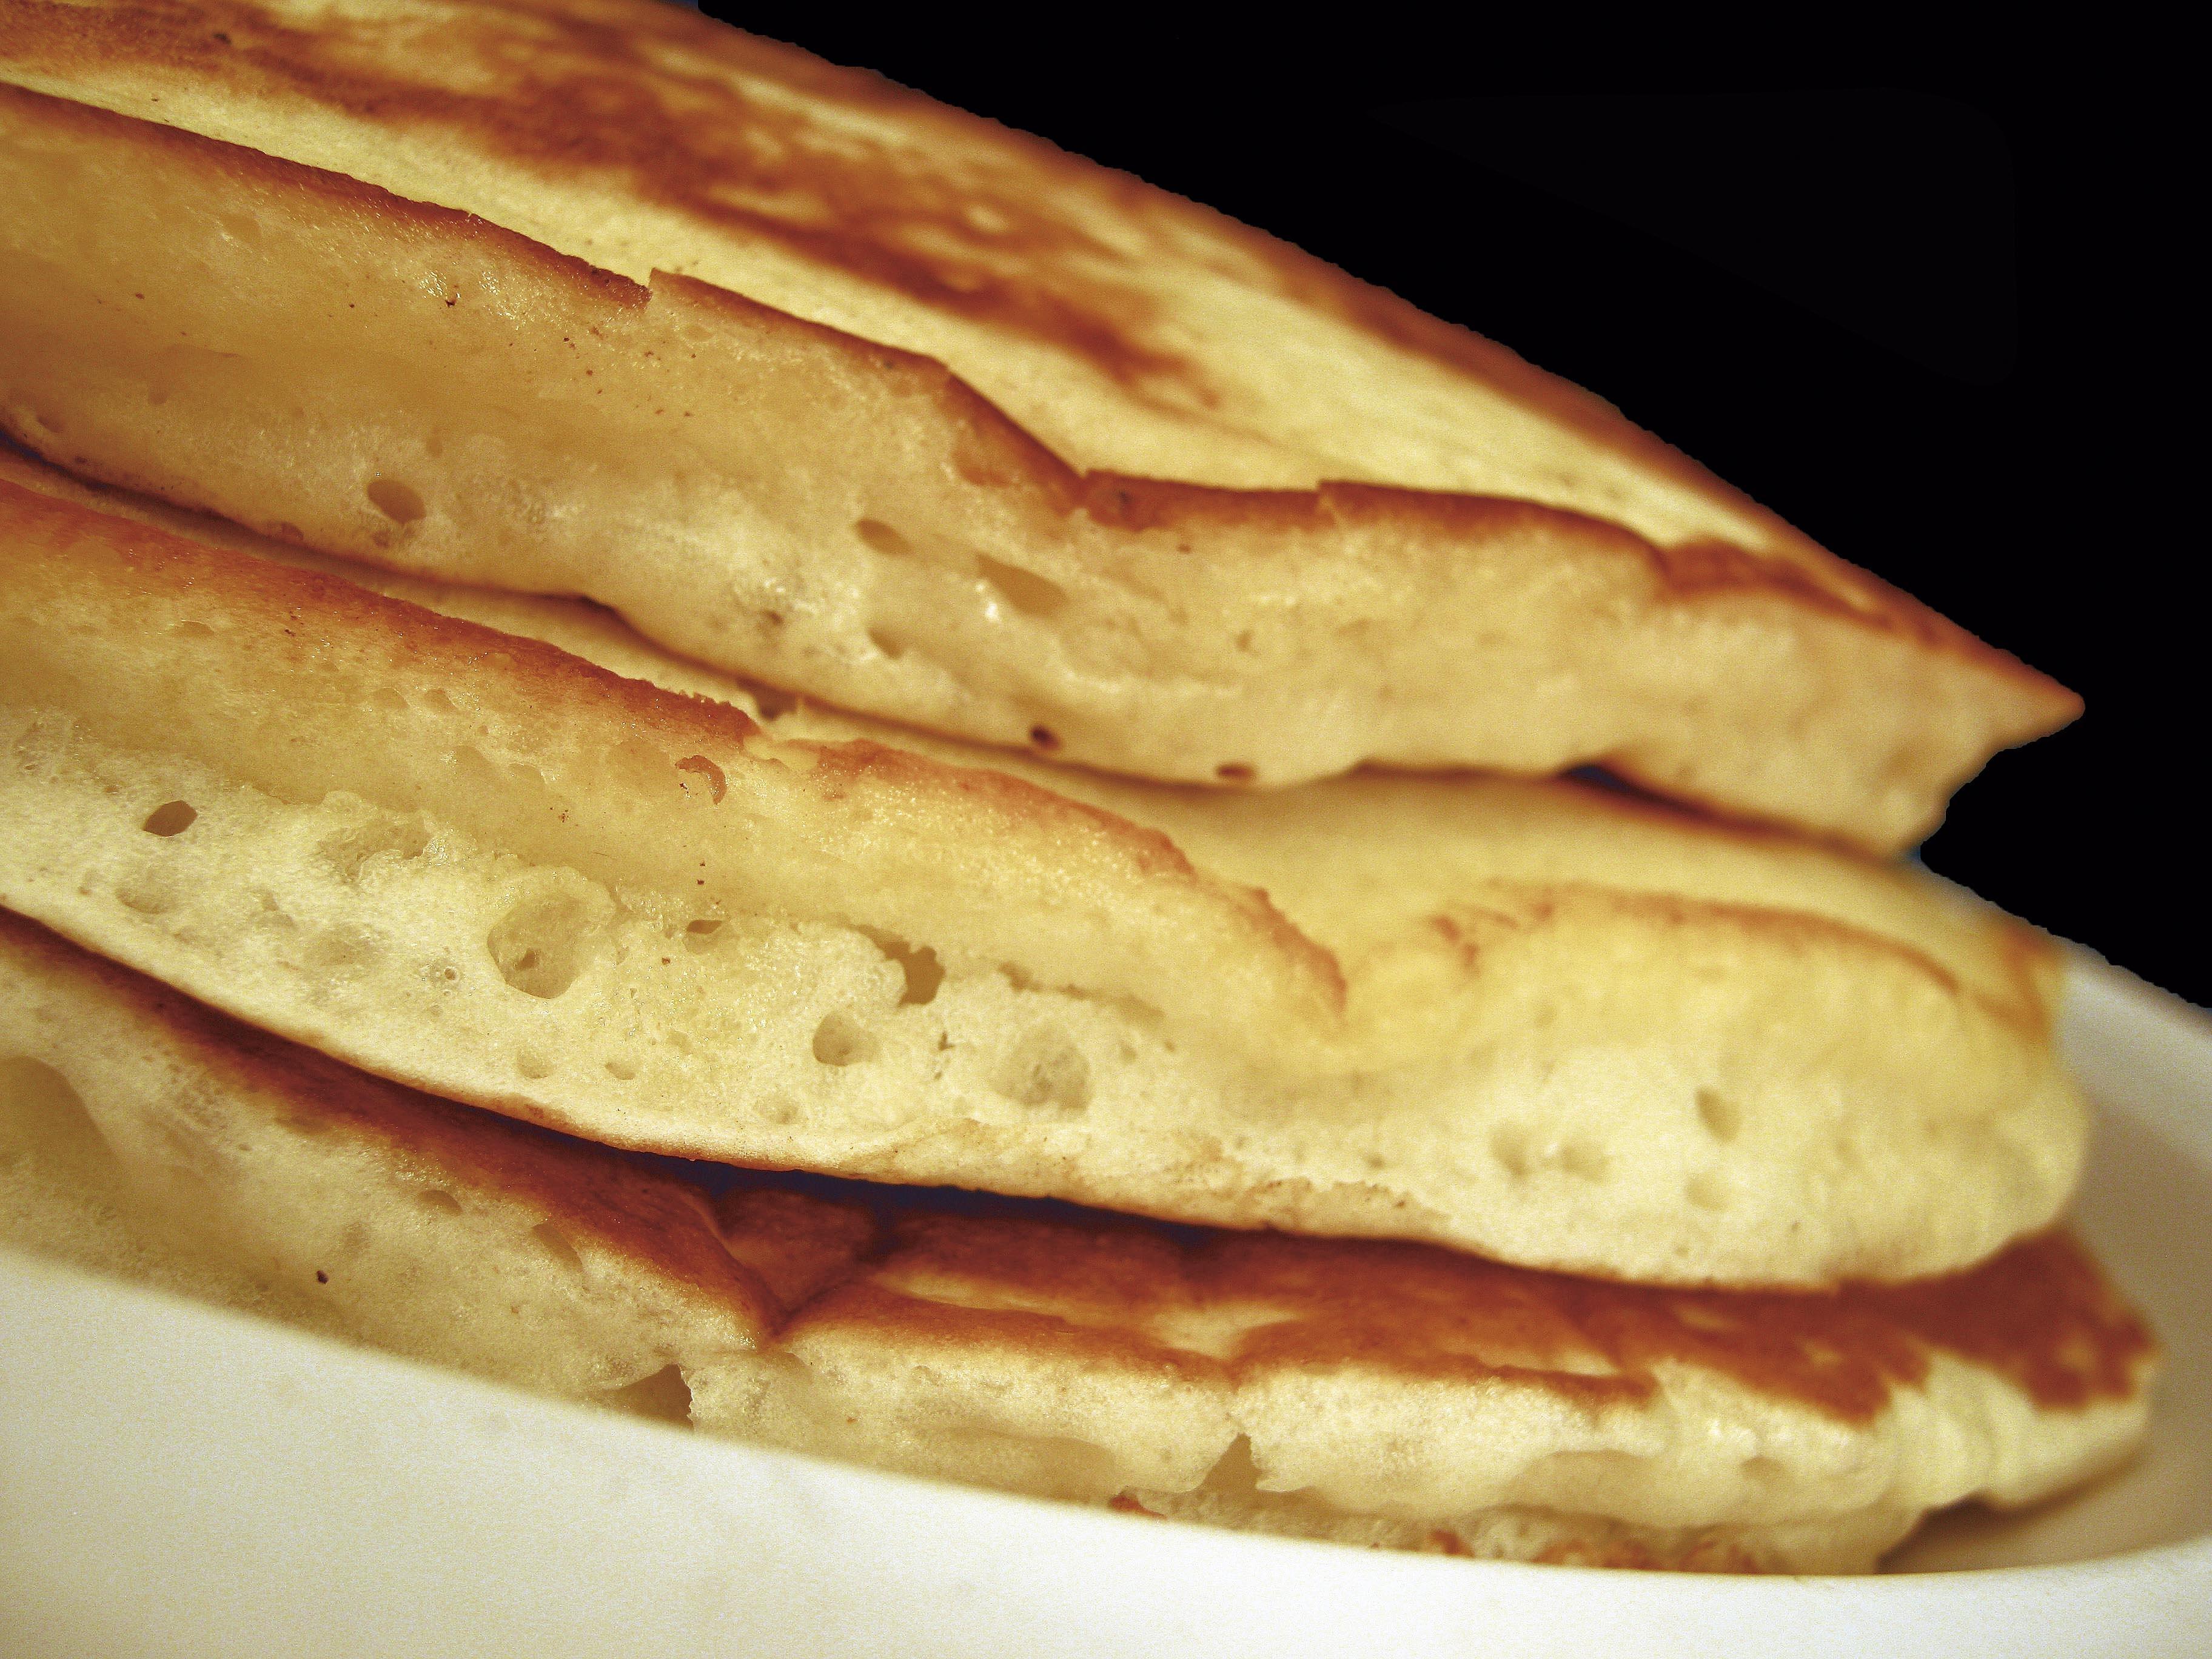 Très Images Gratuites : café, plat, repas, aliments, cuisine, gâteau  LR05